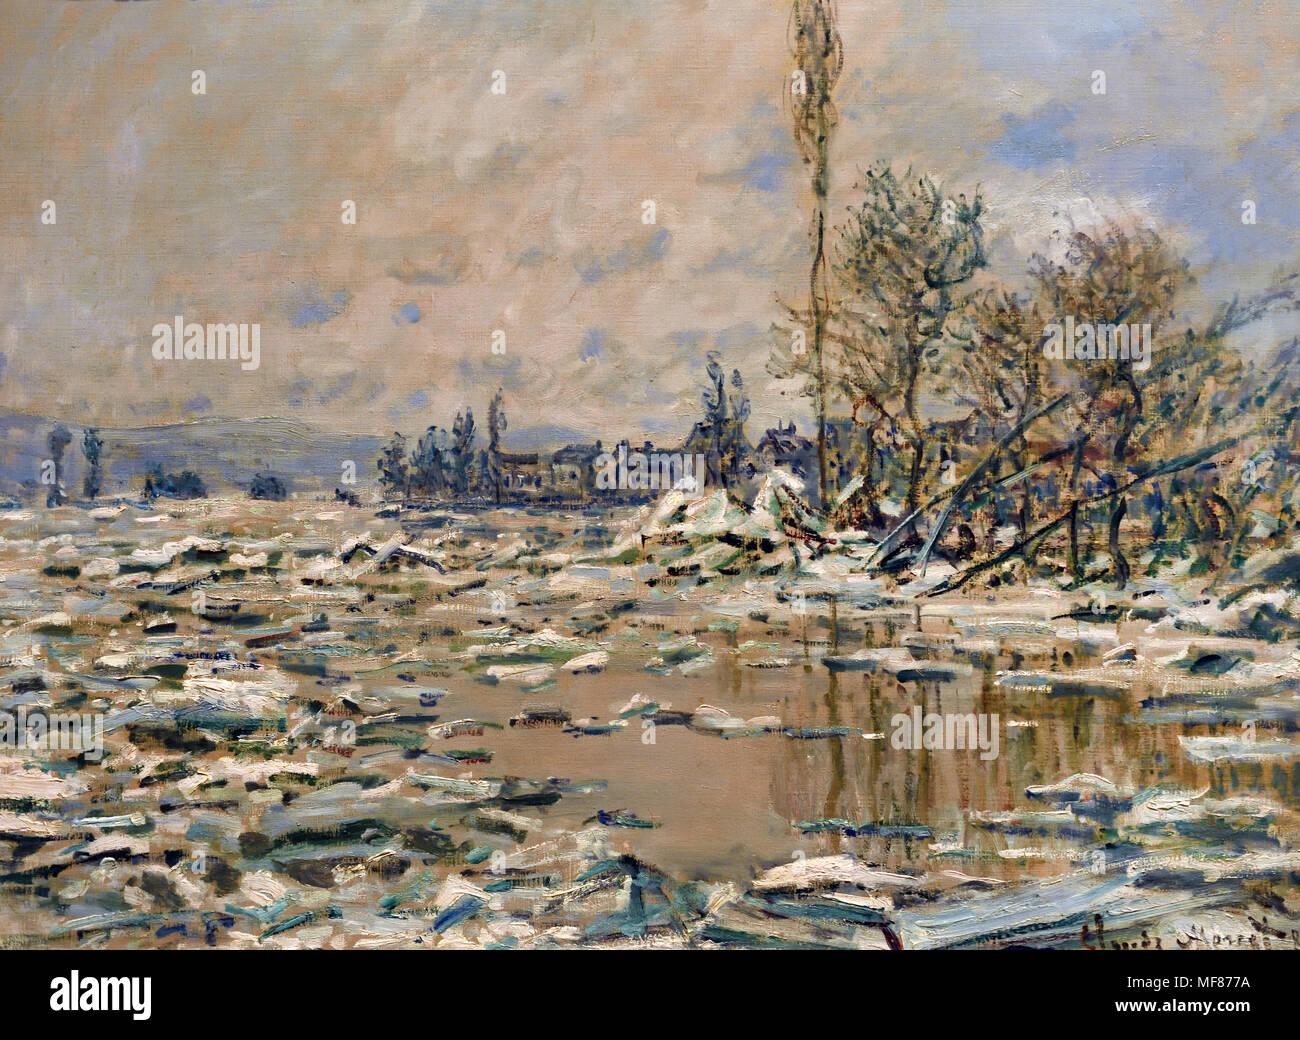 La rottura del ghiaccio 1880 Claude Monet, 1840 - 1926, francia, francese Immagini Stock